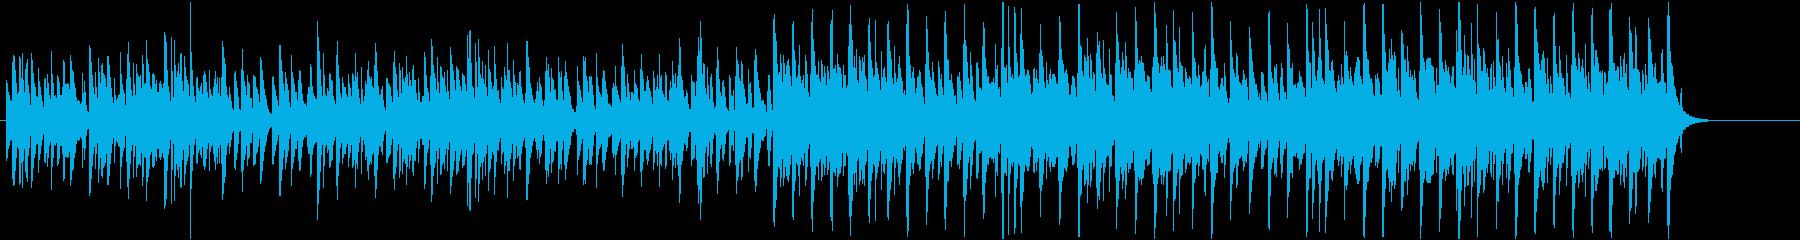 西洋琴ダルシマーによるクリスマスキャロルの再生済みの波形